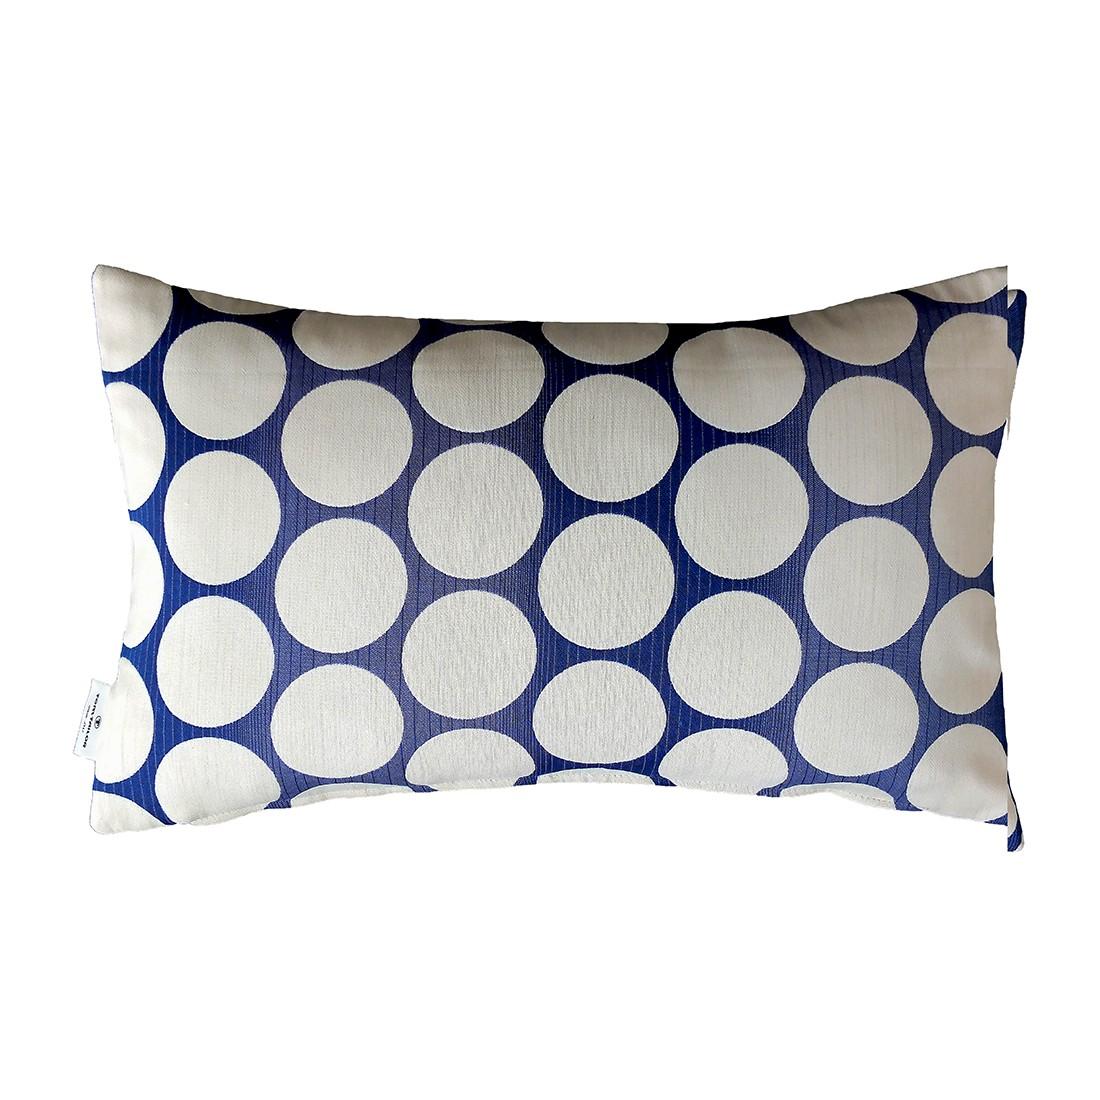 kissenh lle 30 x 50 preisvergleiche erfahrungsberichte und kauf bei nextag. Black Bedroom Furniture Sets. Home Design Ideas